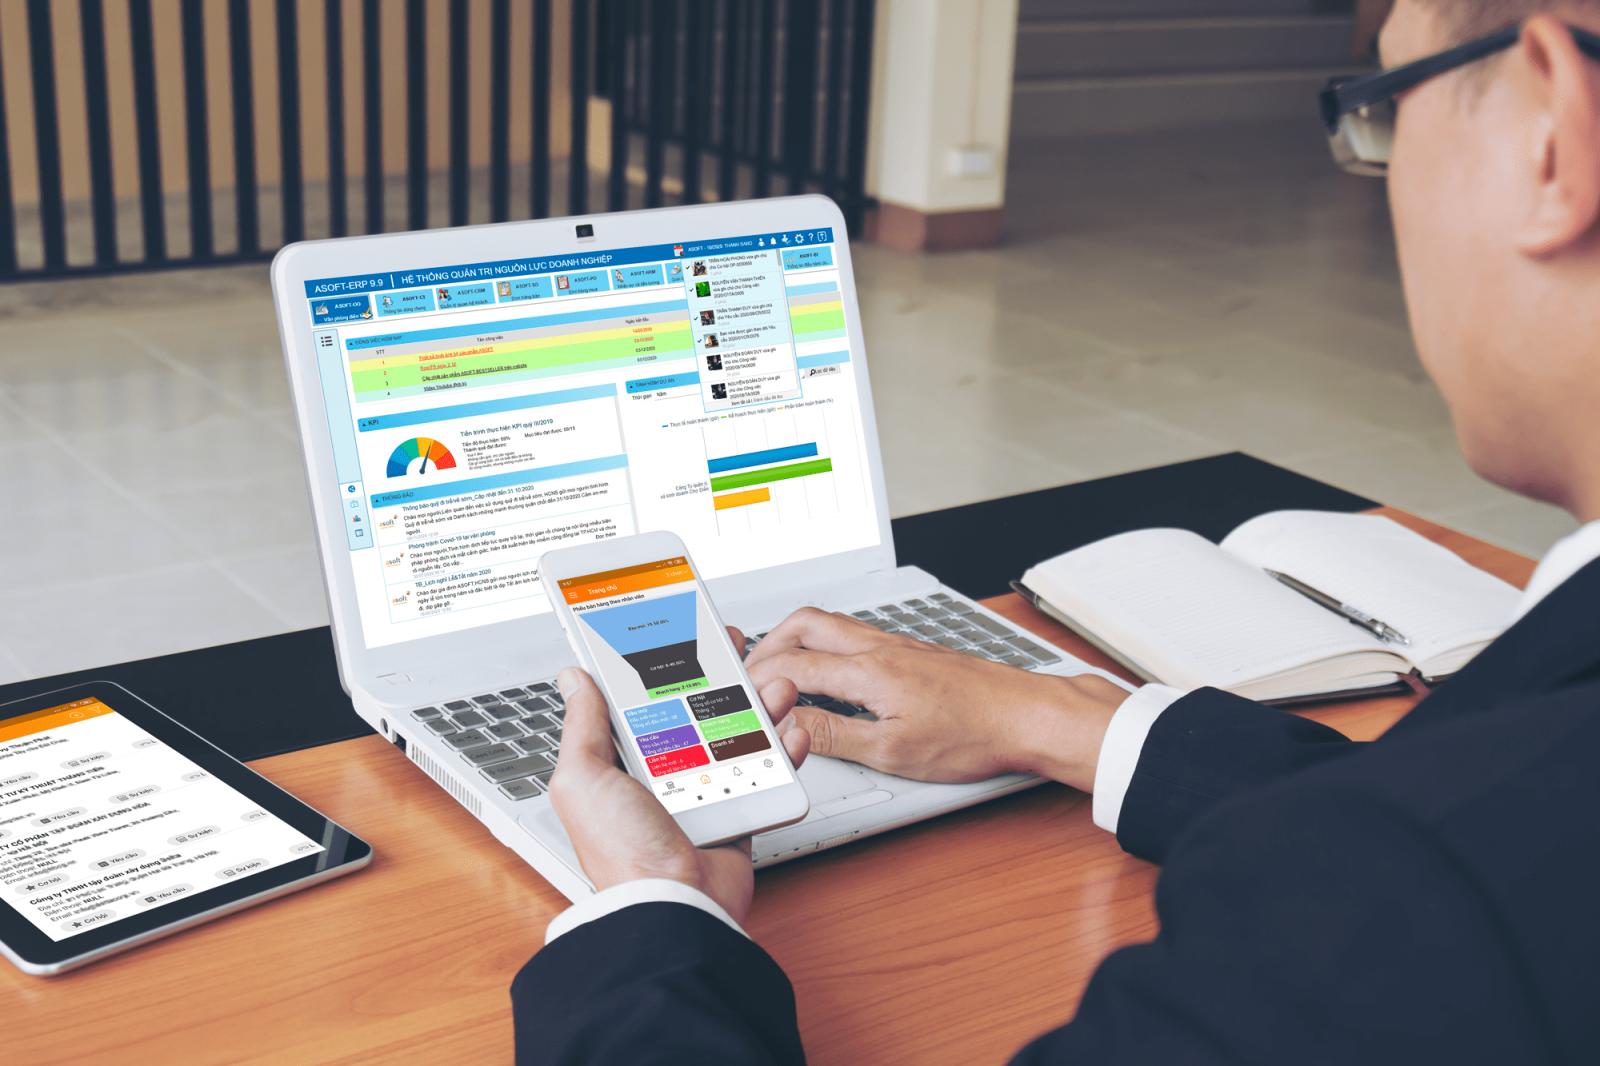 Cảm giác lướt newsfeed của các CEO trên phần mềm ASOFT-ERP 9 R9